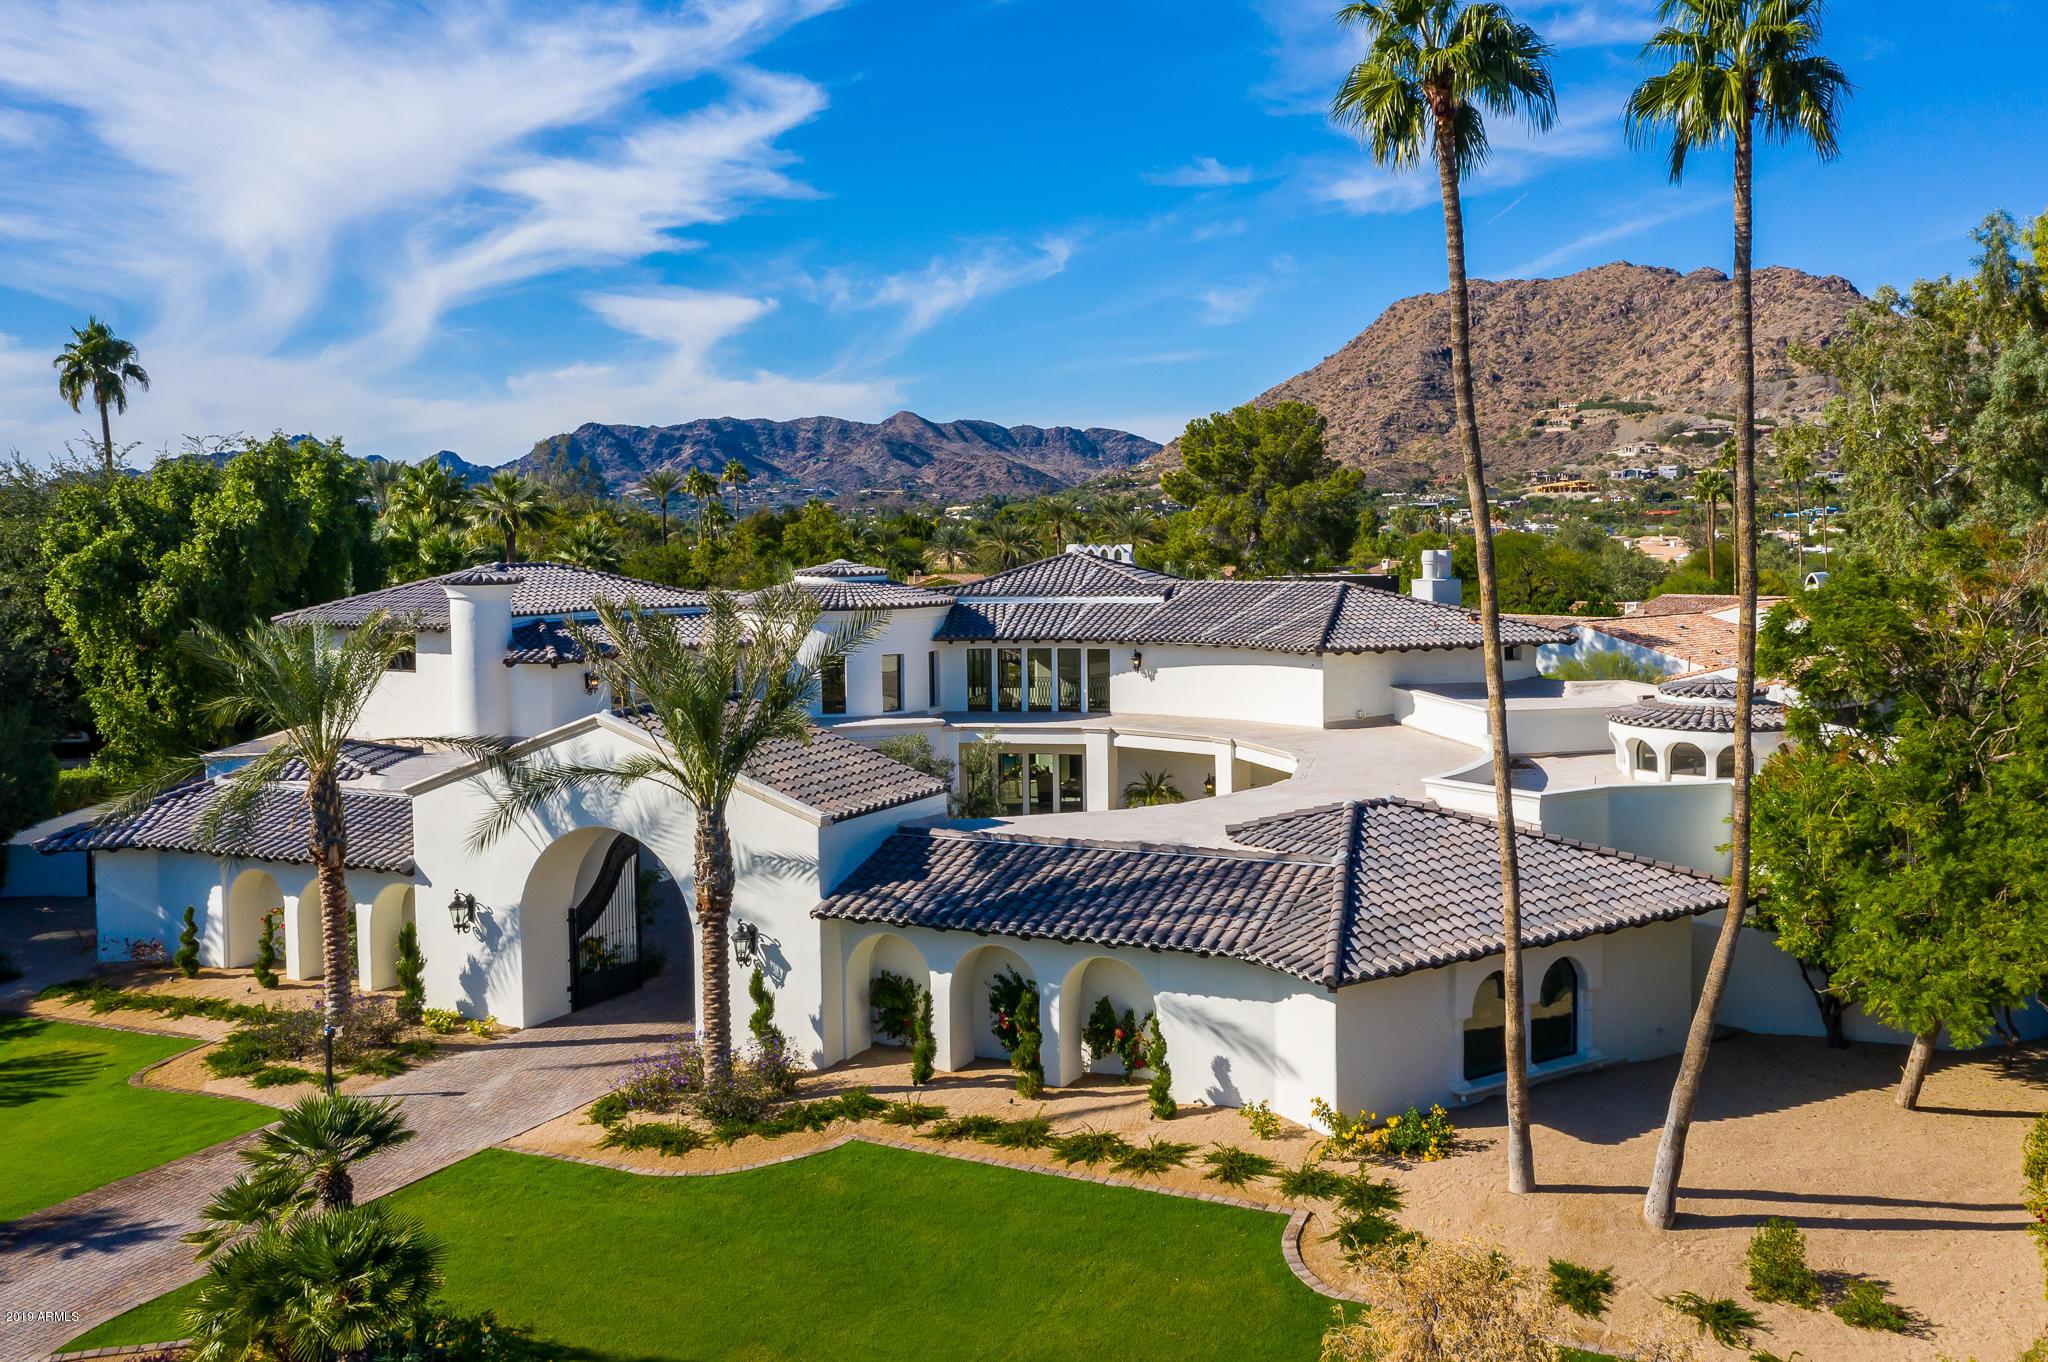 MLS 6006269 6010 E NAUMANN Drive, Paradise Valley, AZ 85253 Paradise Valley AZ Gated